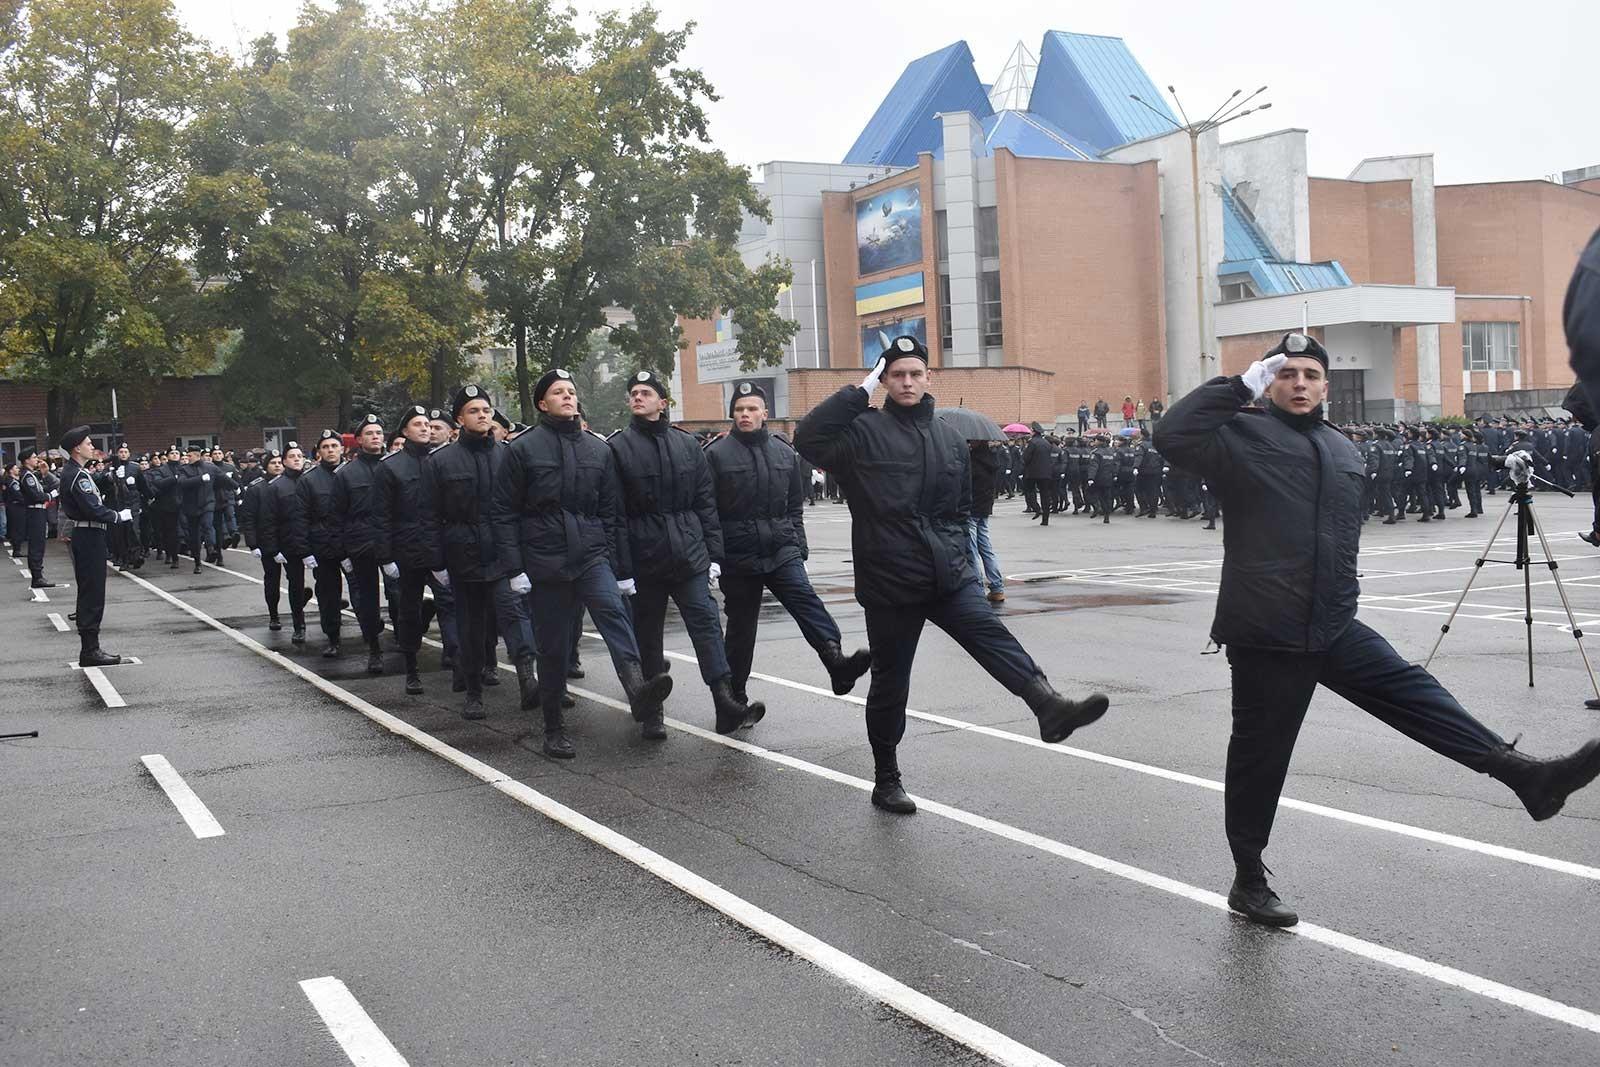 У Дніпропетровському державному університеті внутрішніх справ пройшли урочистості з нагоди проведення та складання Присяги працівника поліції курсантами першого курсу